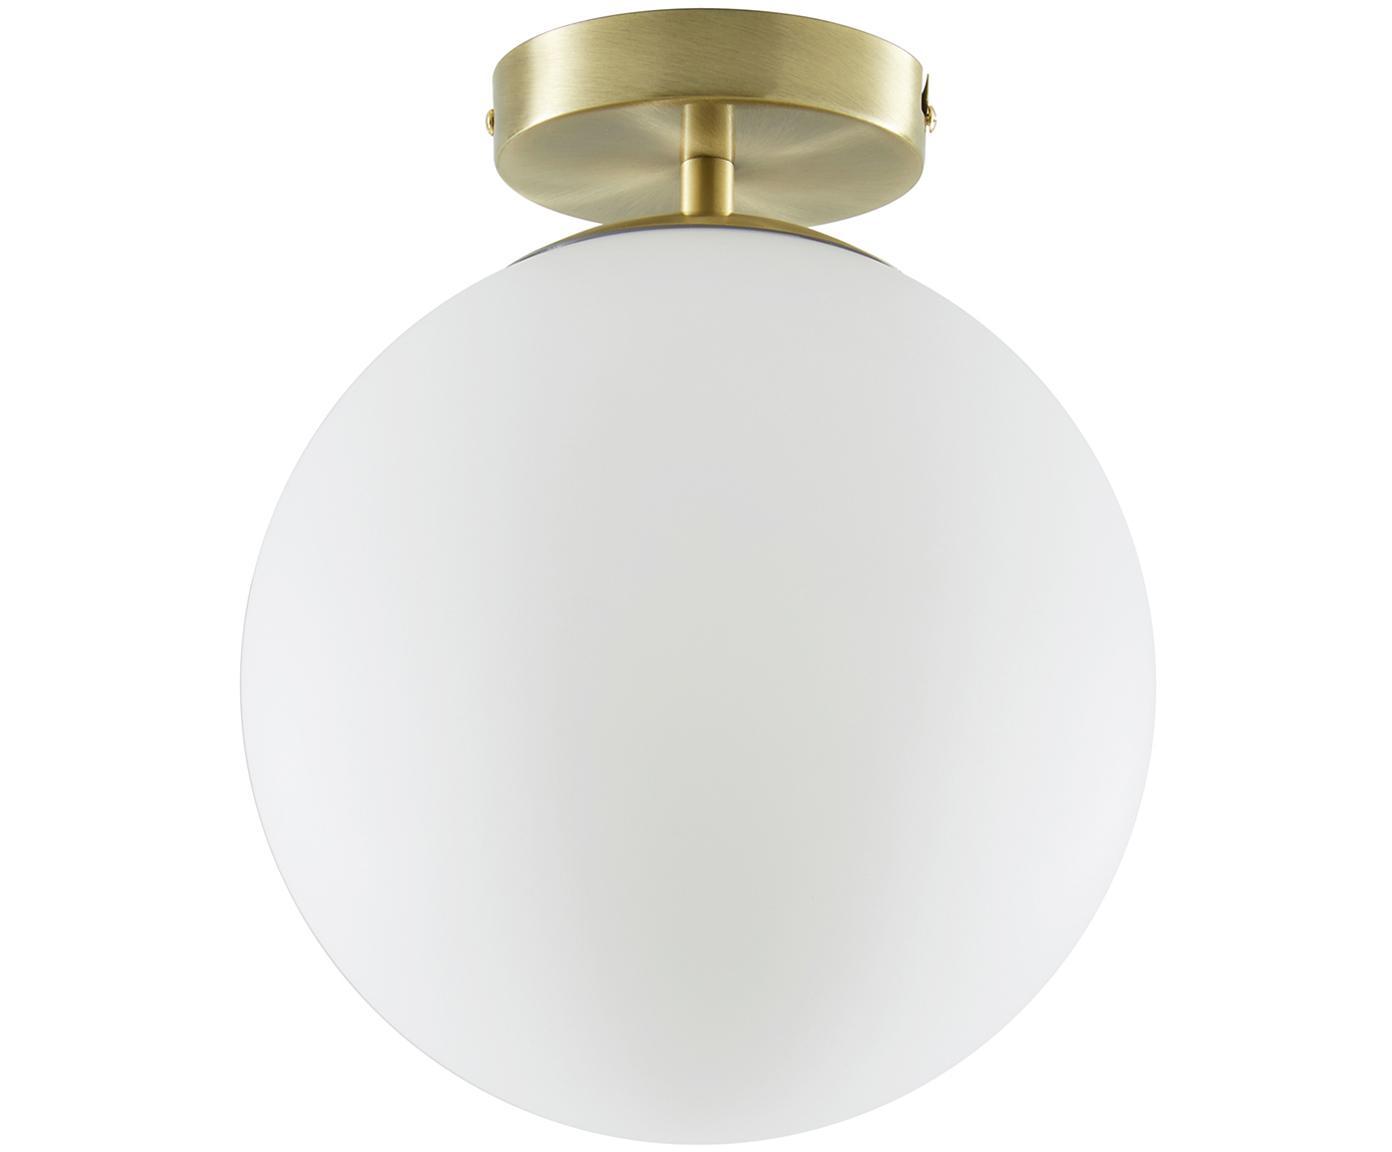 Deckenleuchte Hitch aus Glas, Lampenschirm: Glas, Baldachin und Fassung: Messing, mattLampenschirm: Weiss, Ø 25 x H 30 cm